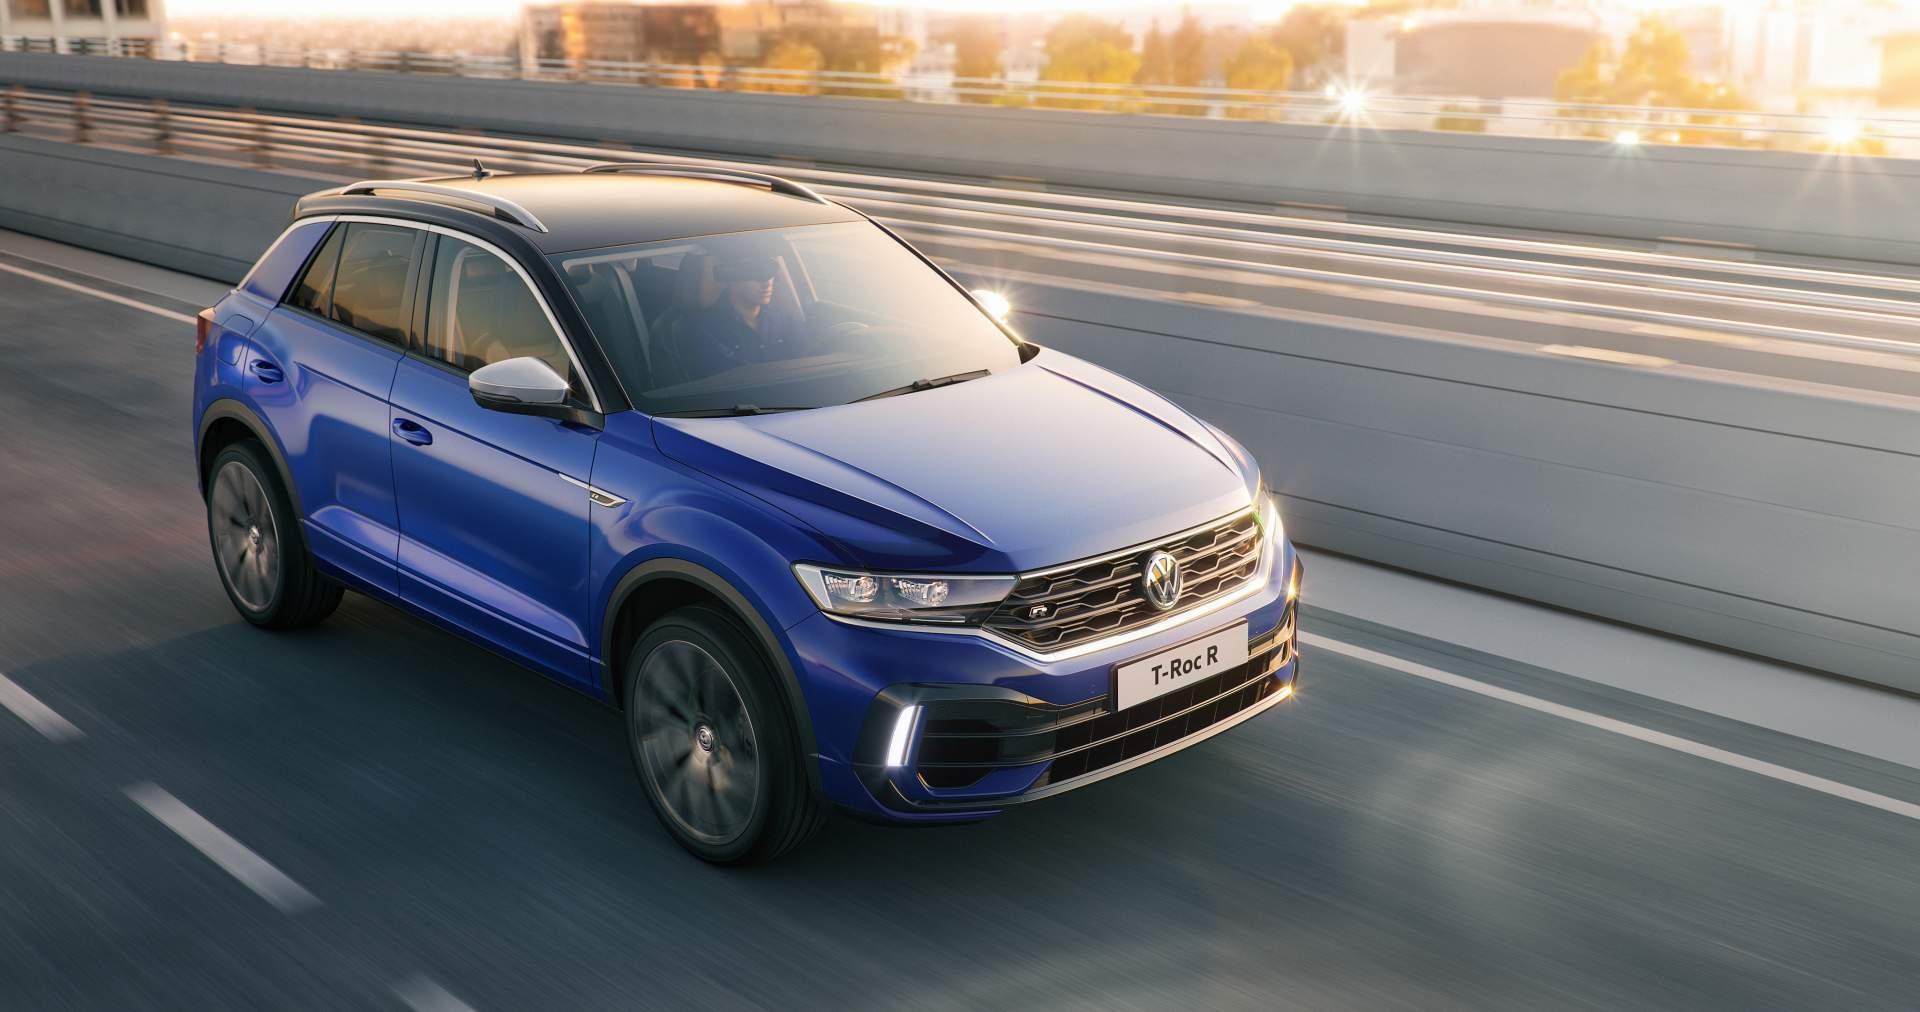 Volkswagen T-Roc R 2019 (1)